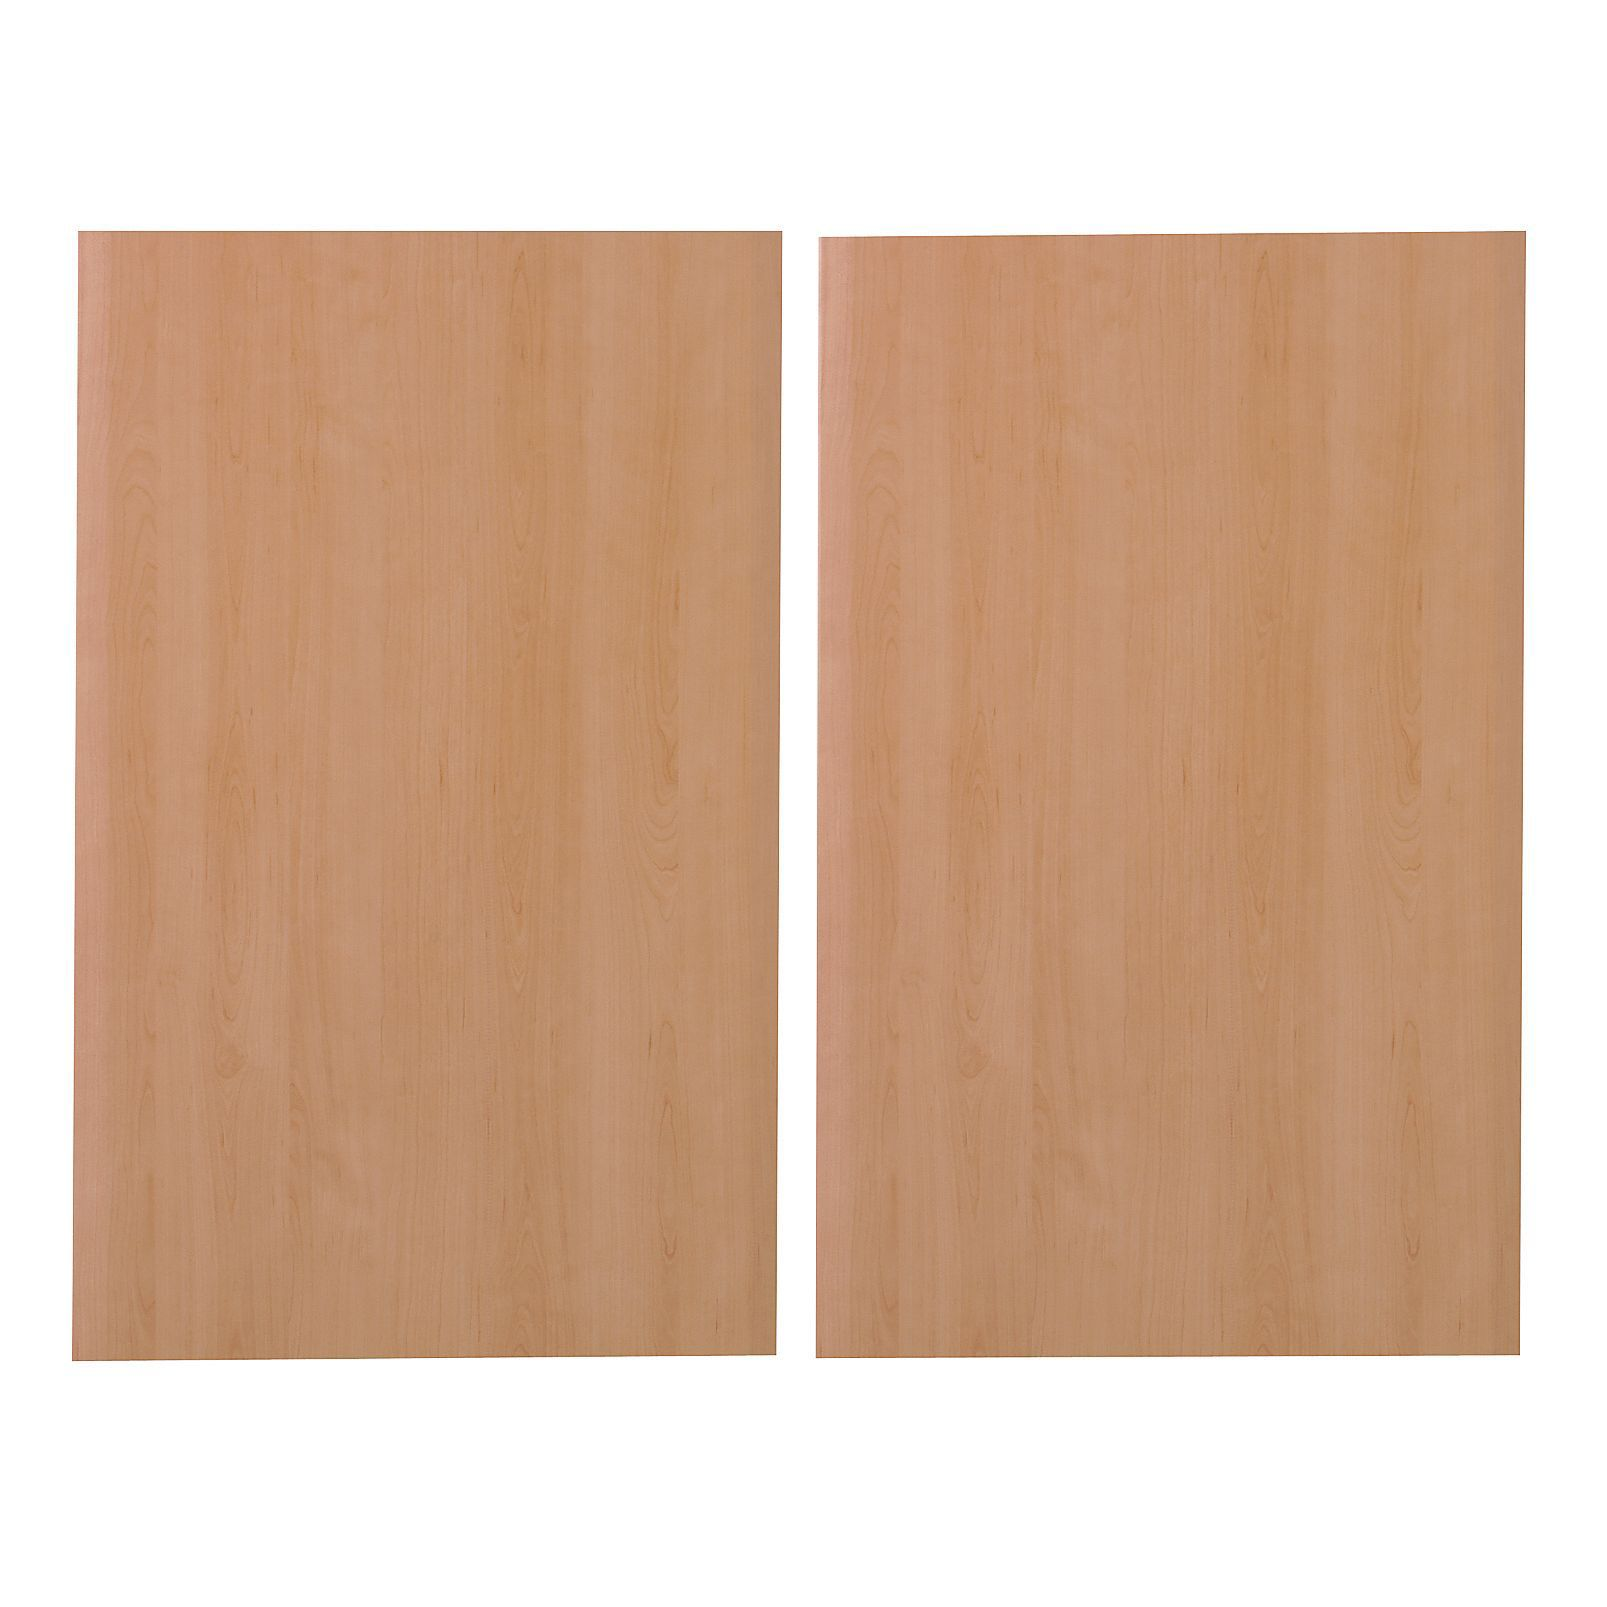 It Kitchens Sandford Cherry Effect Modern Larder Door (w)600mm, Set Of 2